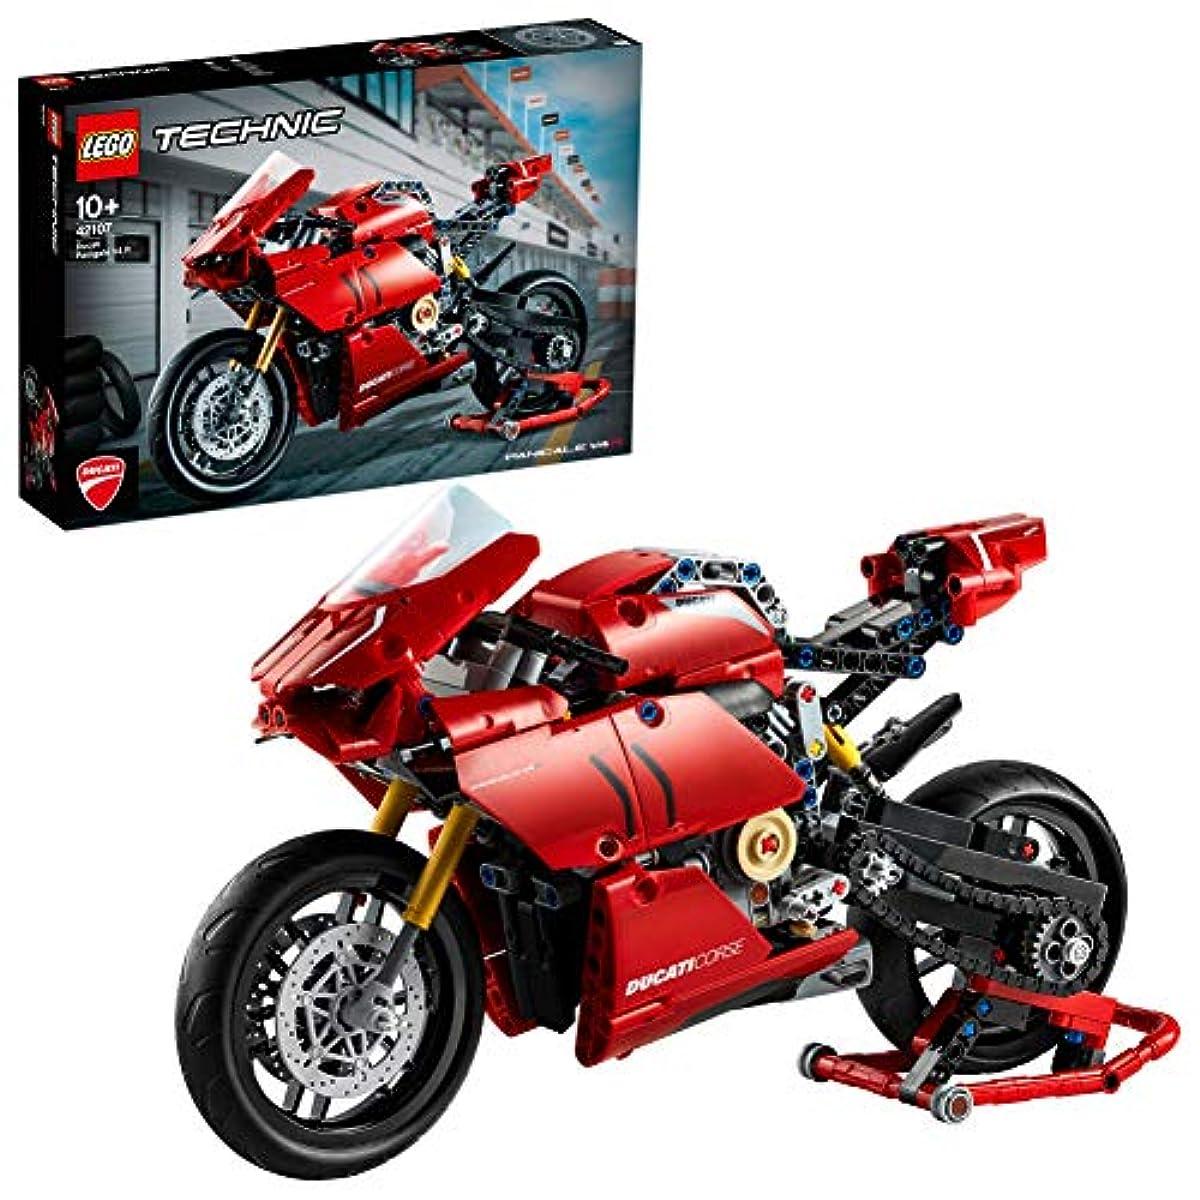 [해외] 레고(LEGO) 테크닉 두카티(DUCATI) 파니가레 V4 R 42107